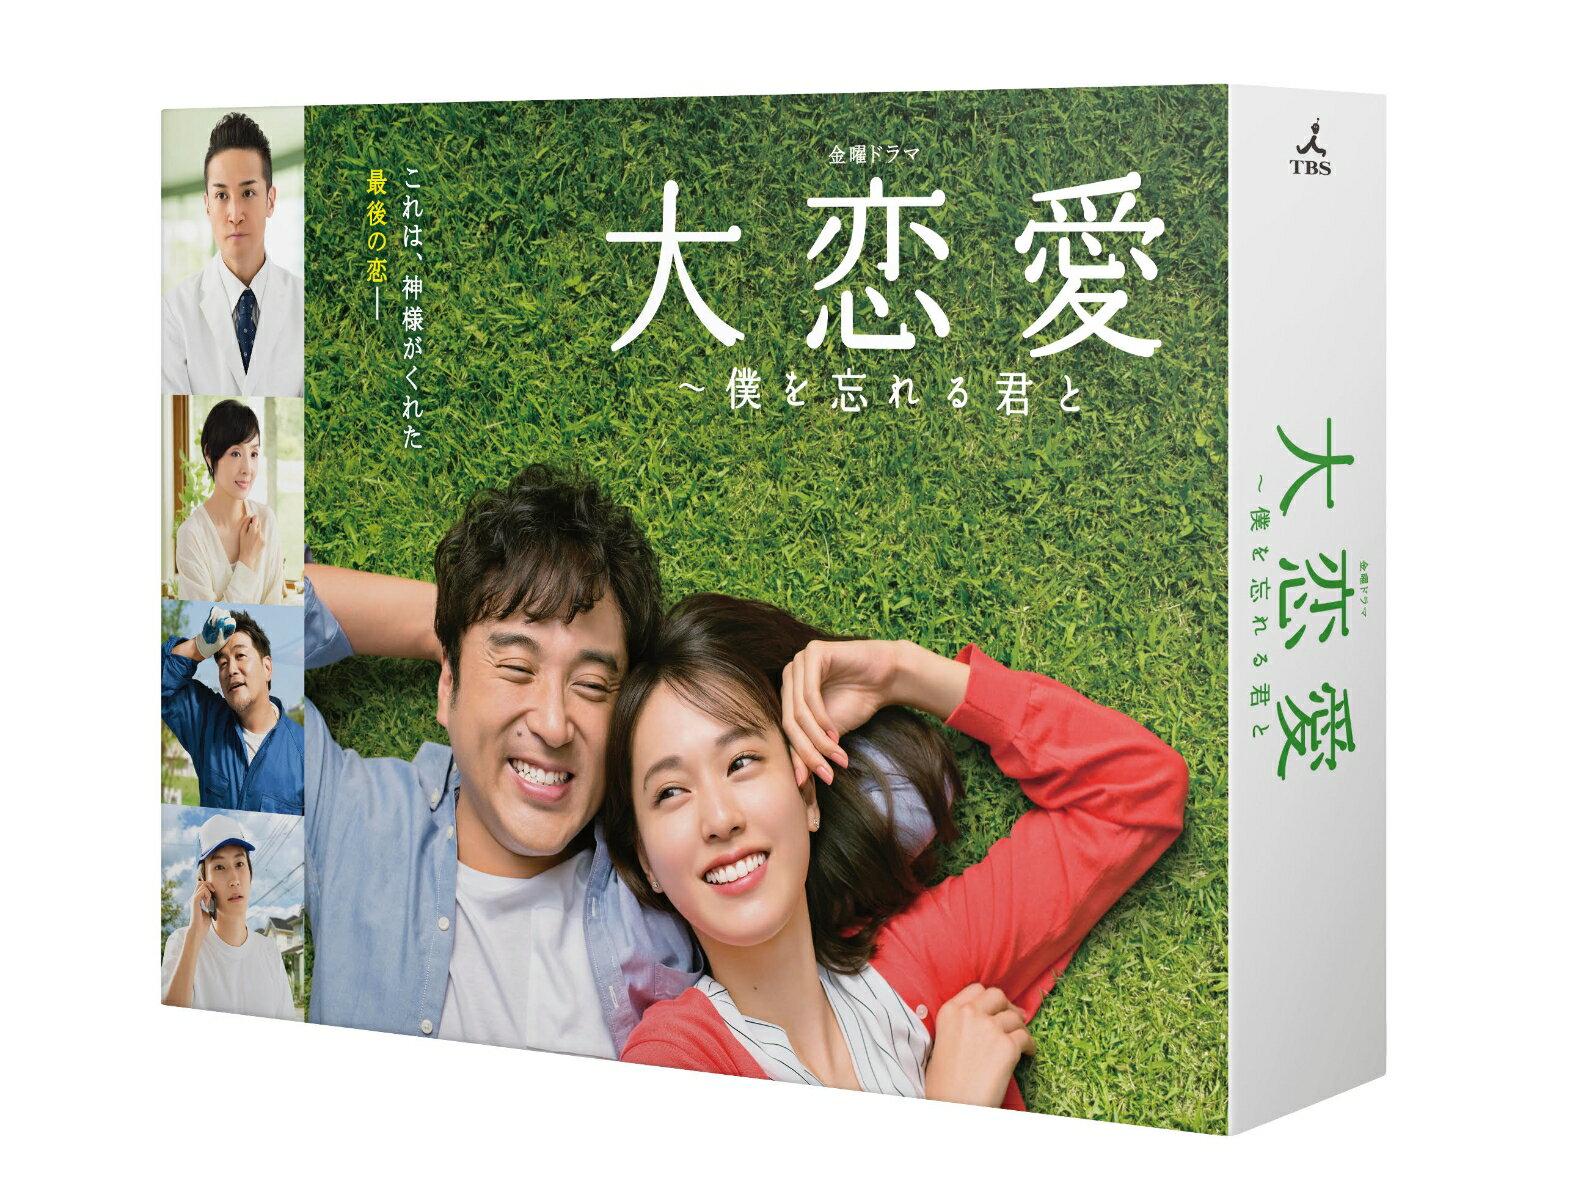 大恋愛〜僕を忘れる君と DVD BOX